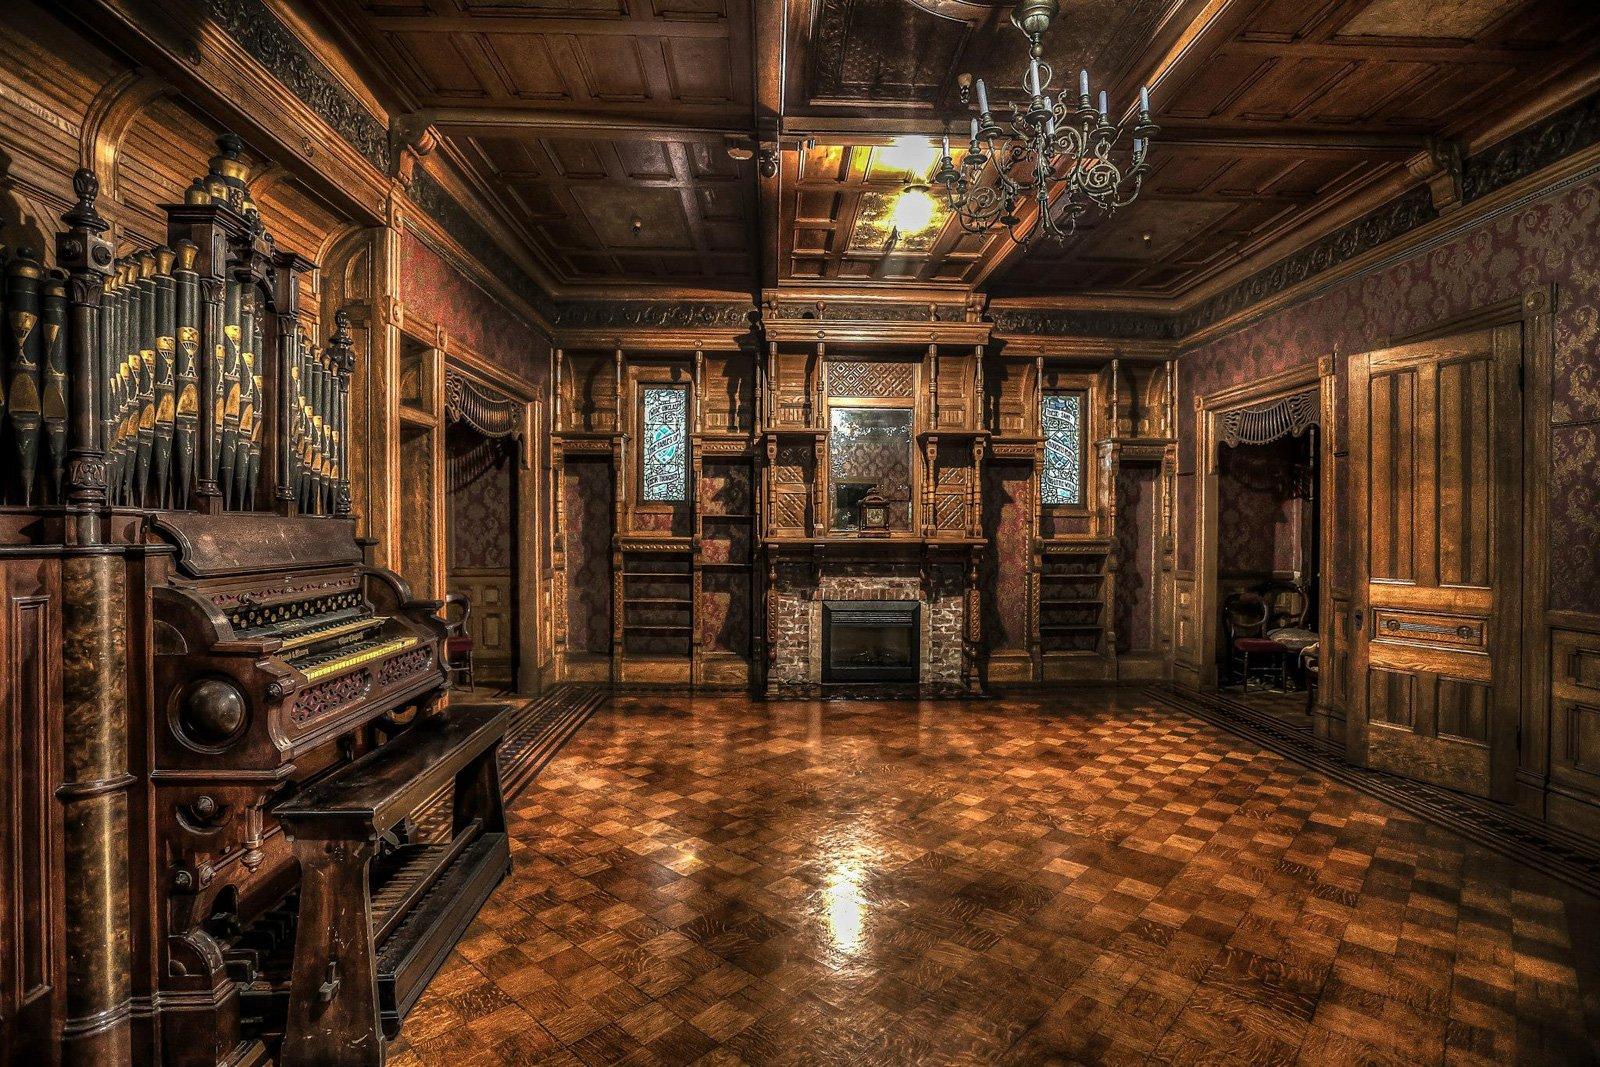 步枪下冤魂的家《温彻斯特鬼屋》首登大银幕!一路盖了38年的鬼屋你敢看吗?